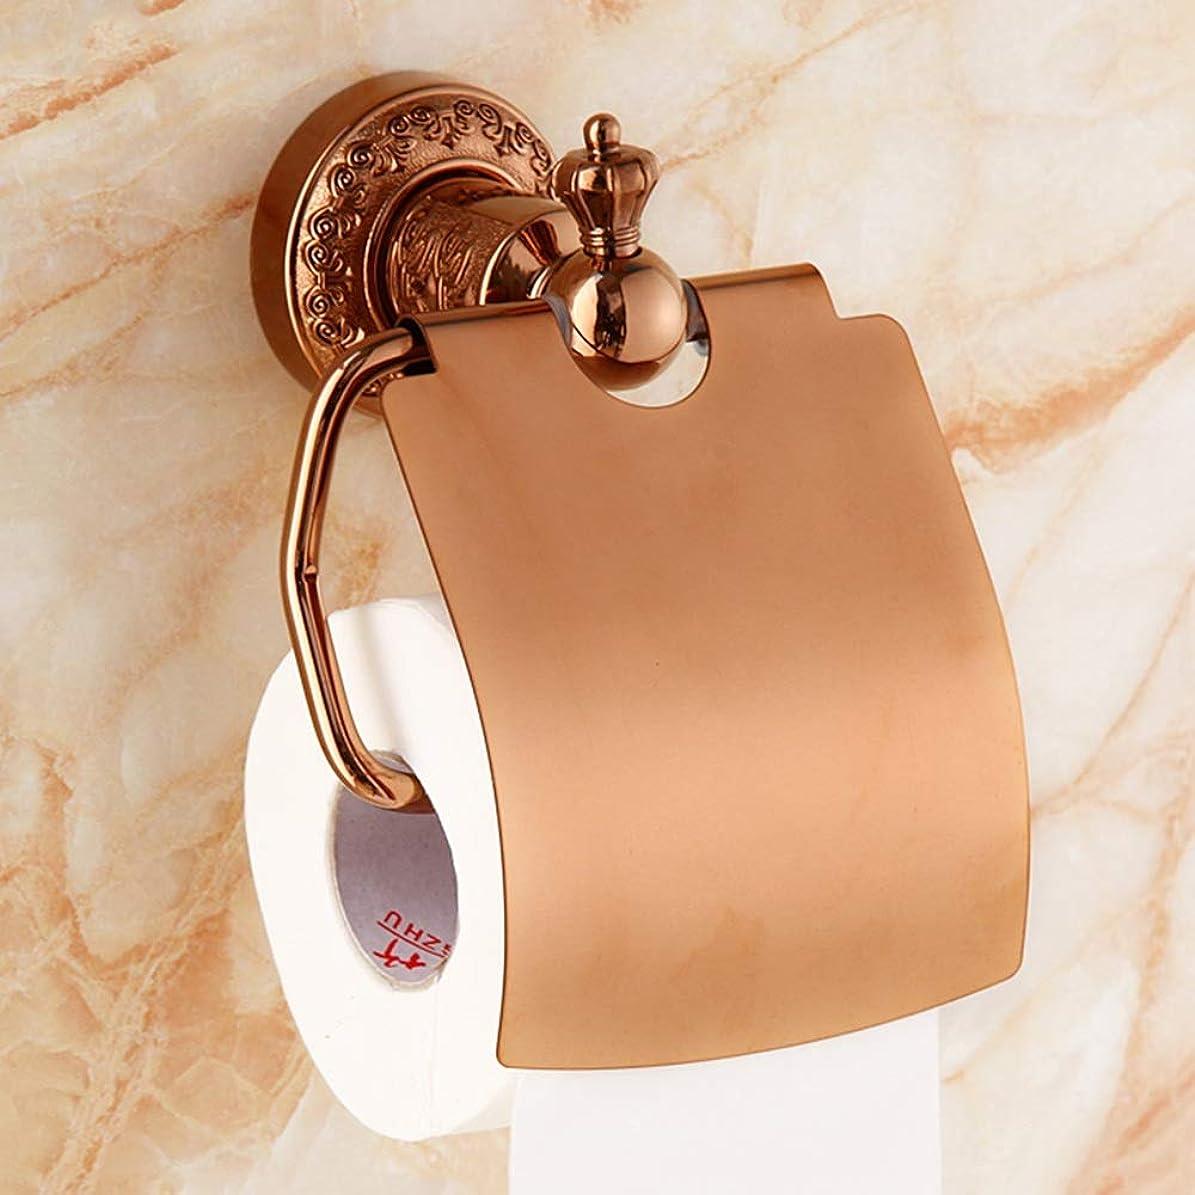 スタンドラグうるさいZZLX 紙タオルホルダー、ヨーロッパの緑ブロンズゴールドローズゴールドトイレットペーパーホルダー浴室のティッシュボックス ロングハンドル風呂ブラシ (色 : ローズゴールド ろ゜ずご゜るど)